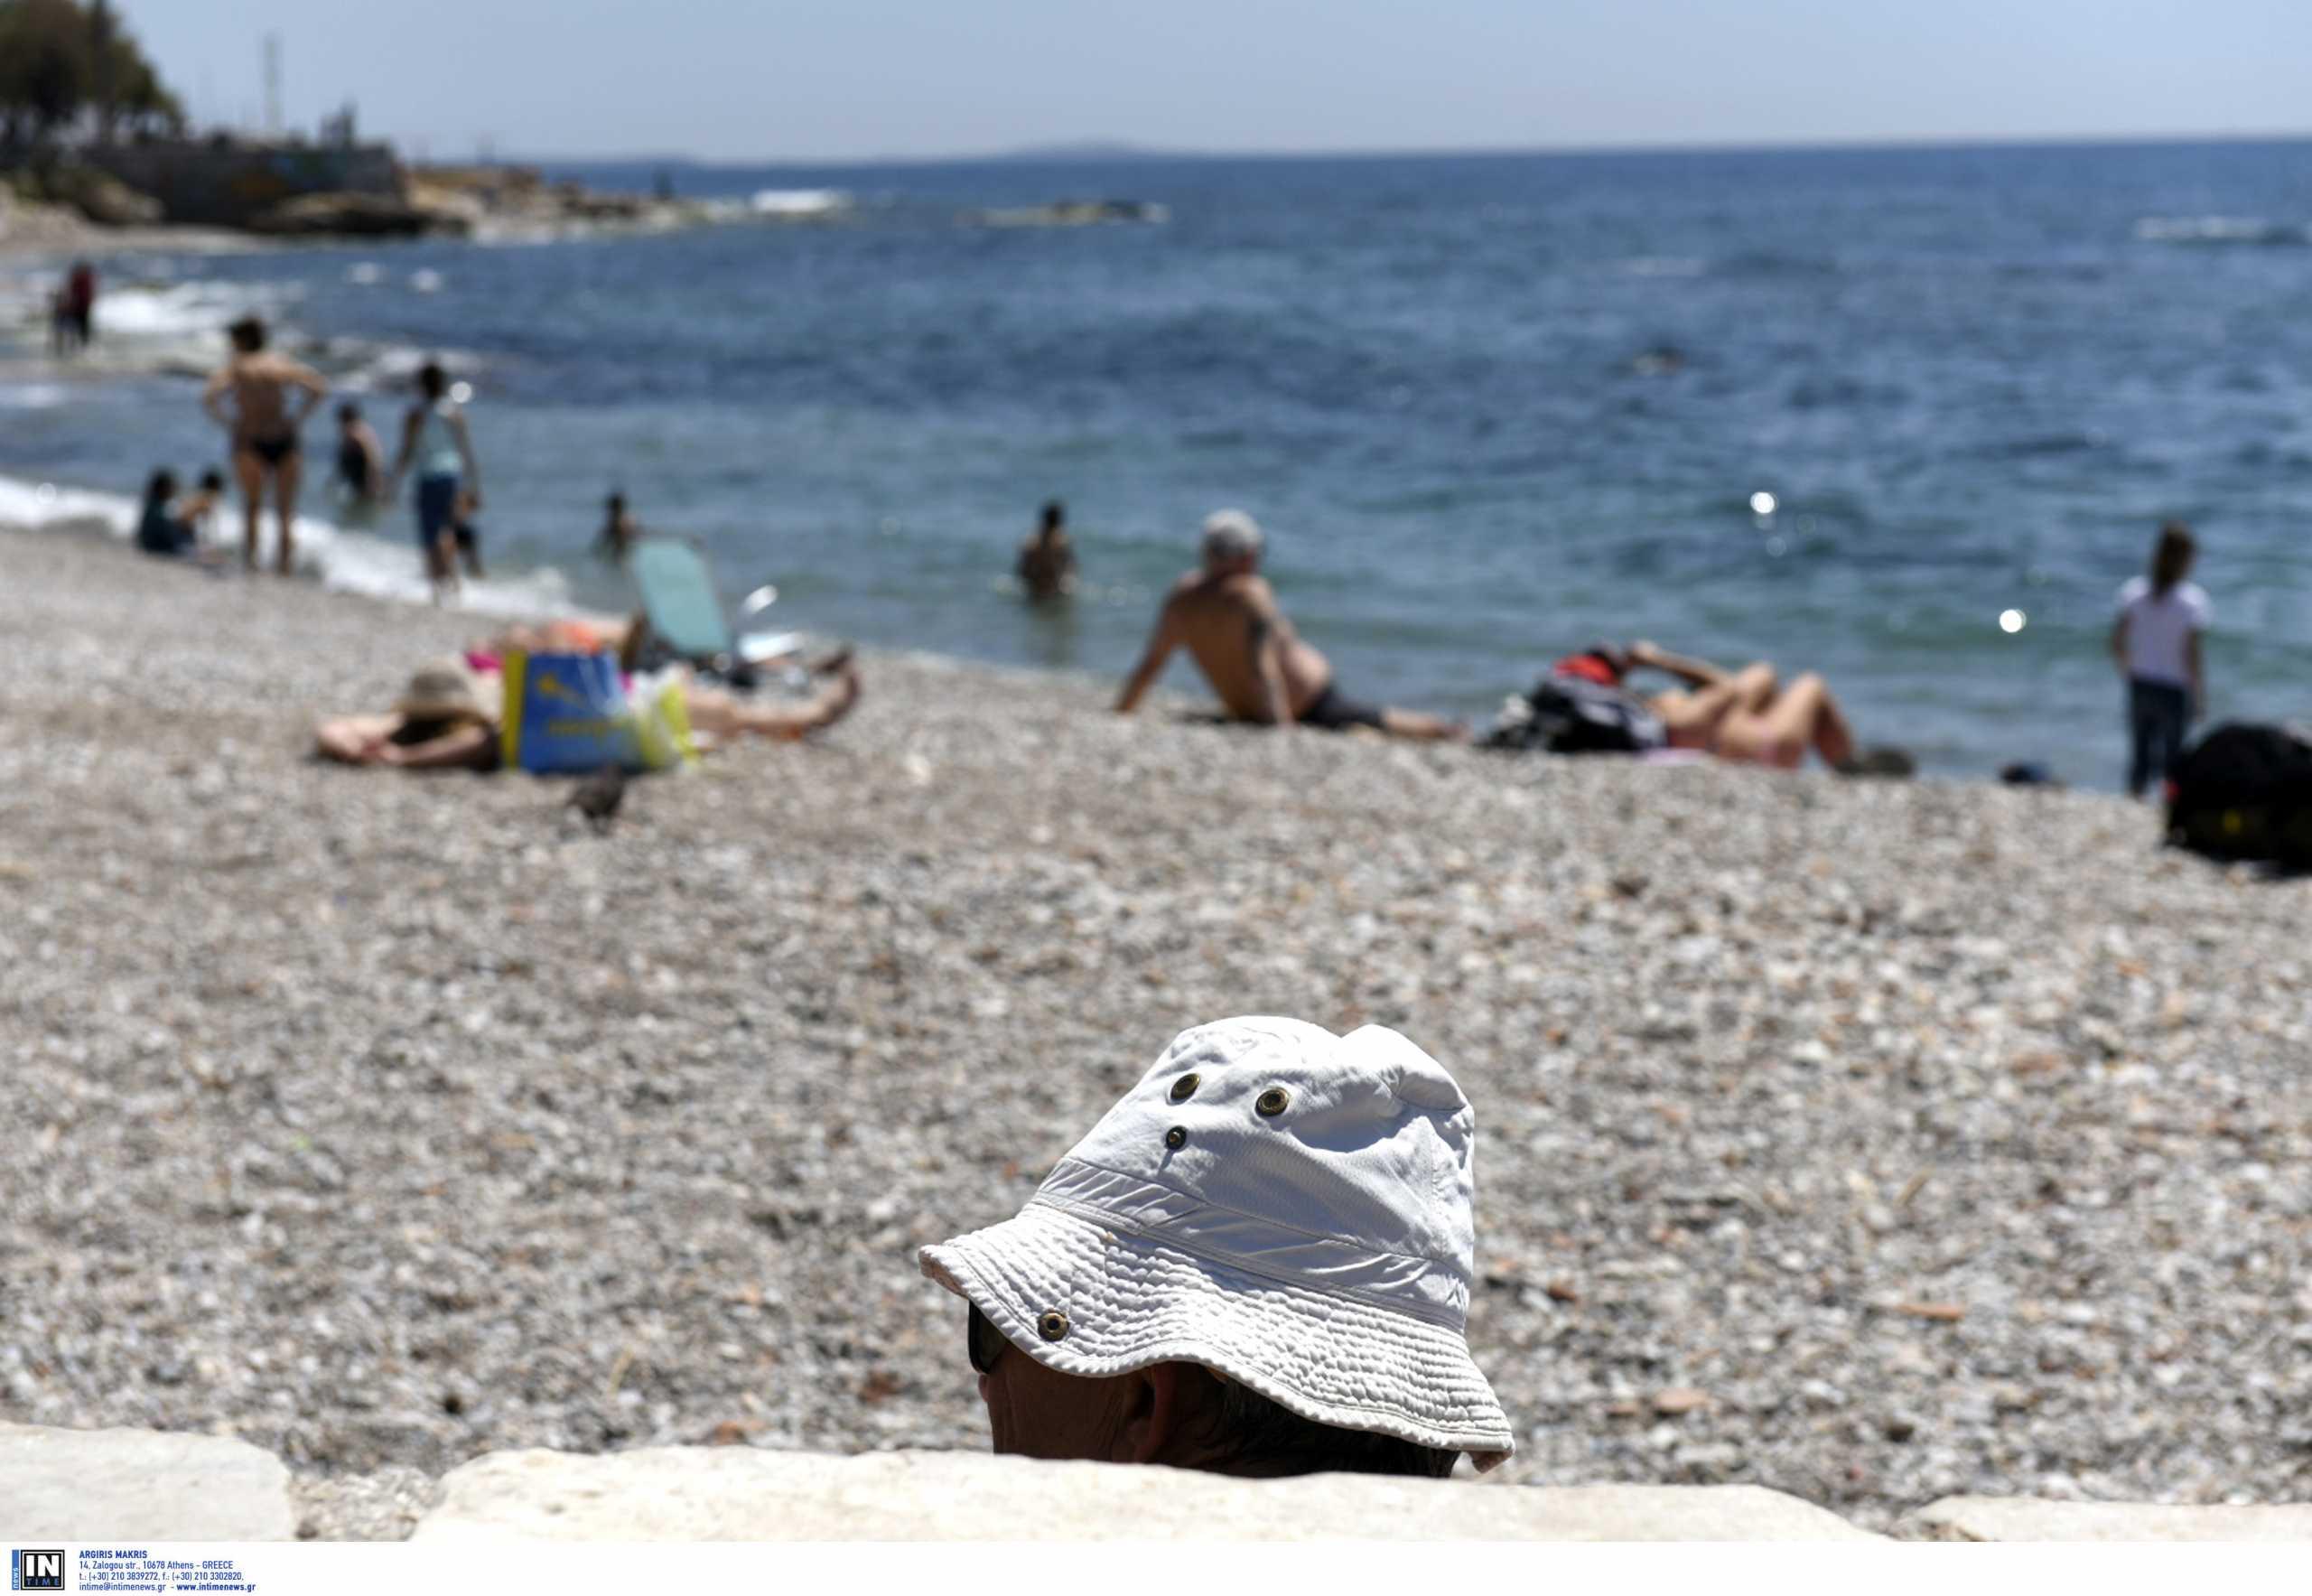 Αγρίνιο: Έρευνες για τουρίστα που κινδύνευε αλλά αυτός ήταν… διακοπές αλλού